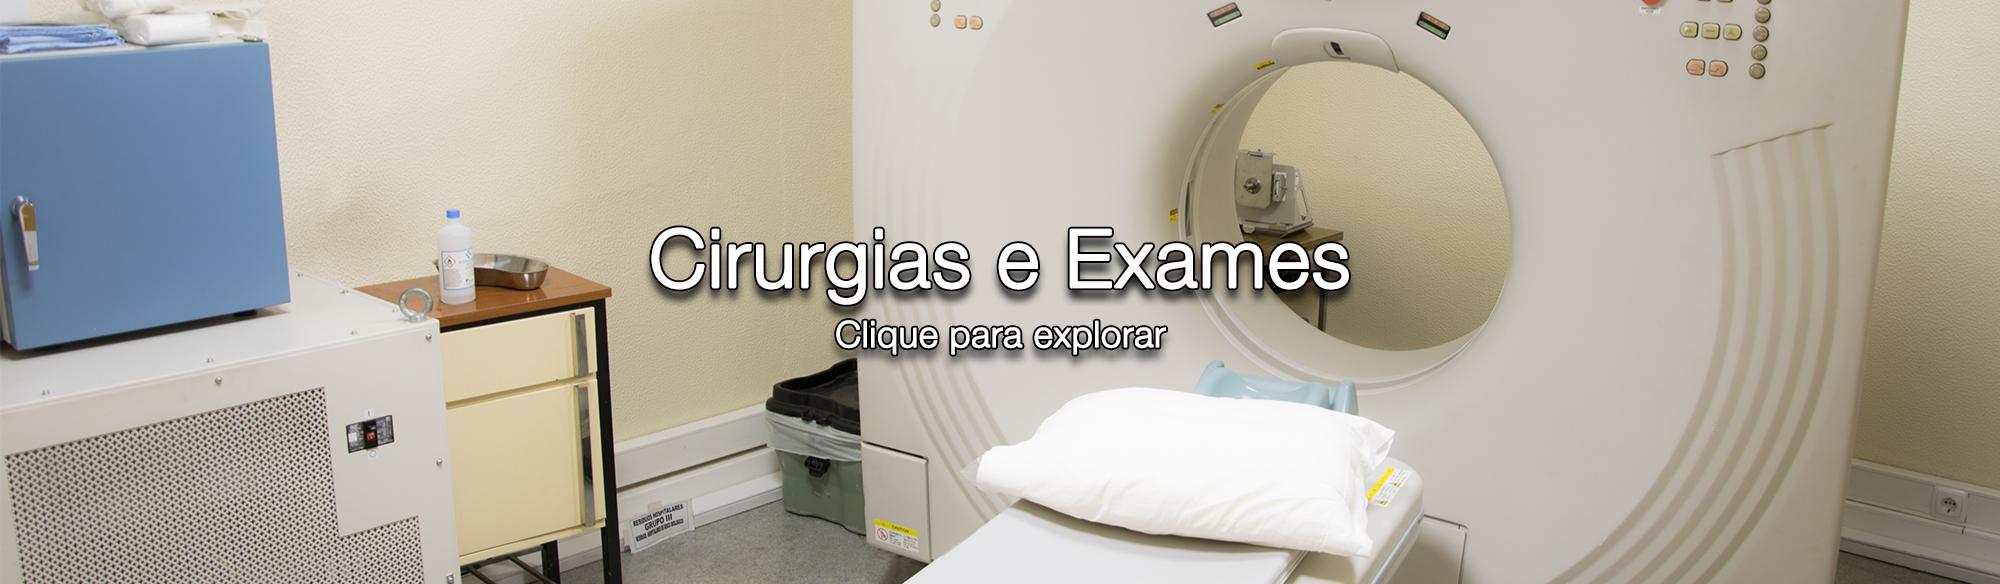 Cirurgias, Oftalmologia, Ortopedia, Cirurgia, Imagiologia, Raiox, TAC